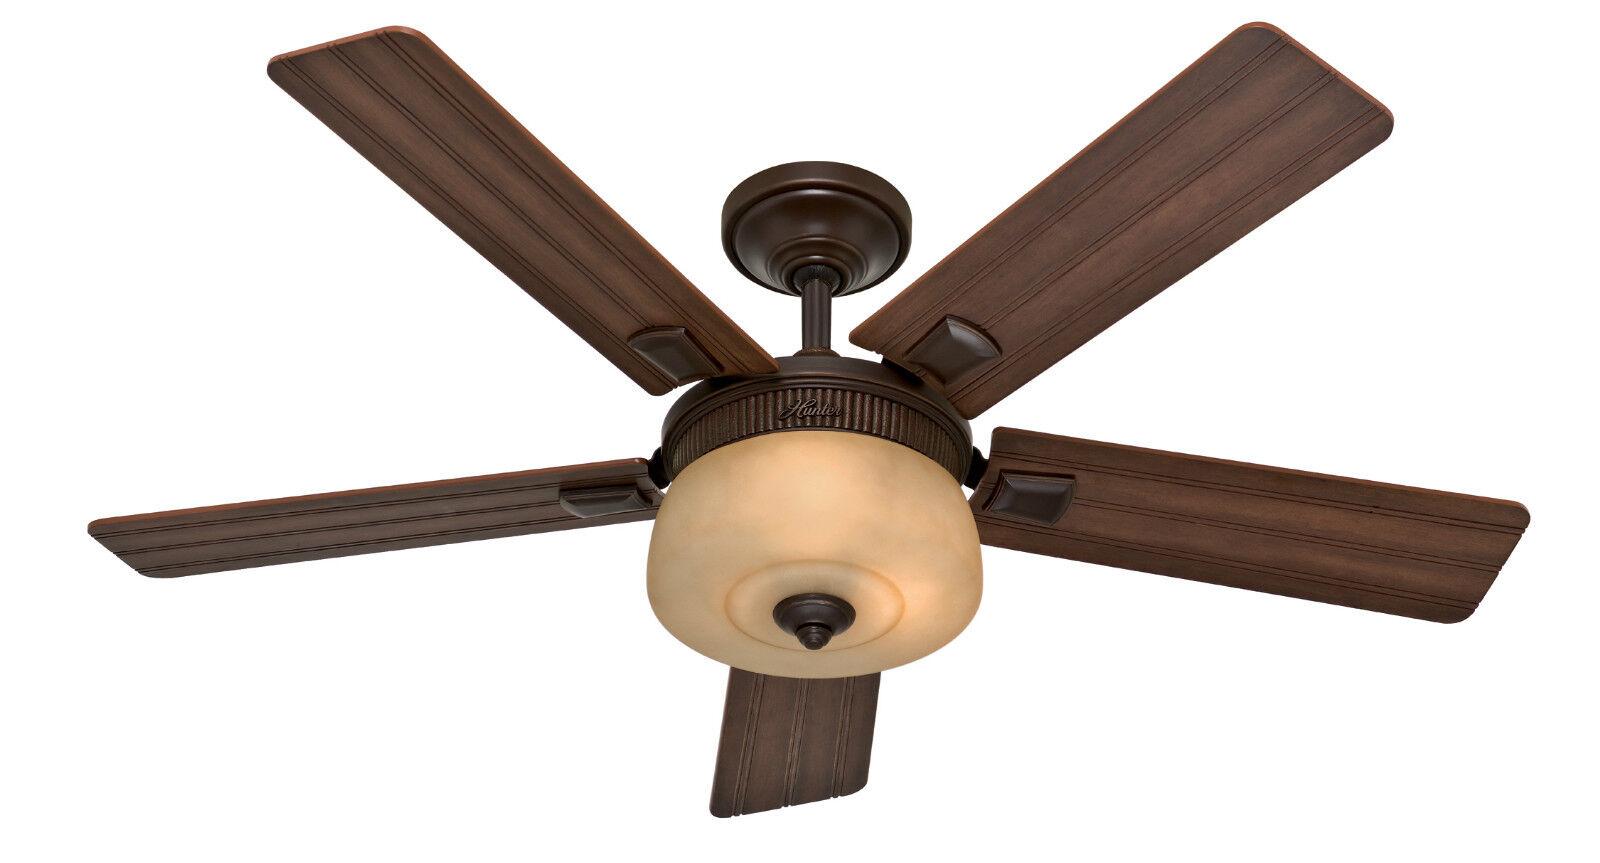 Ceiling Fan Light Pull Chain